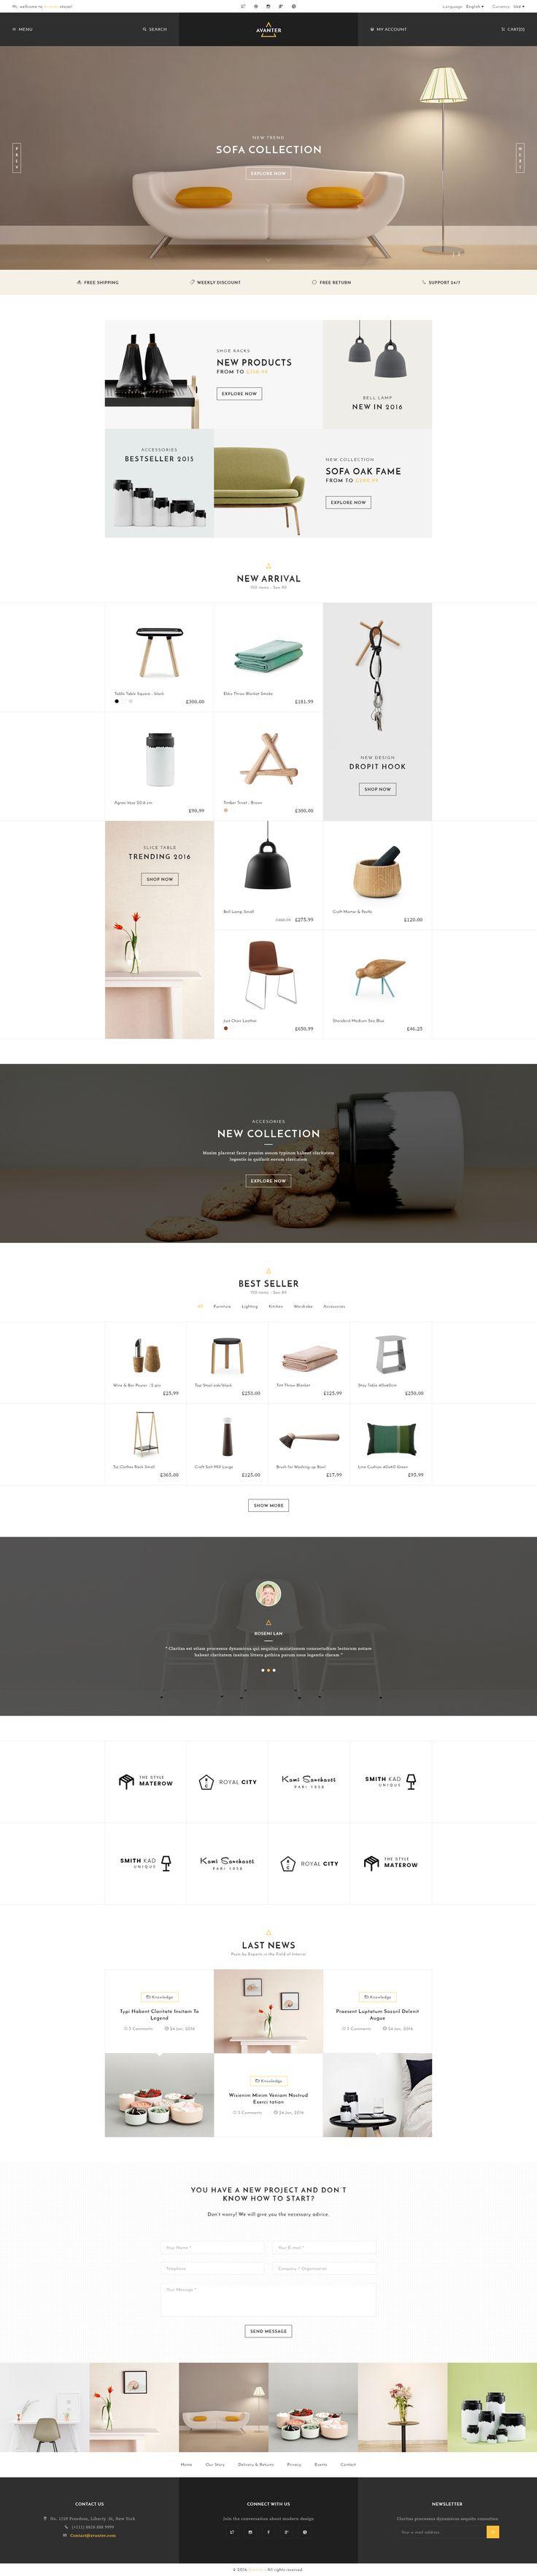 Avanter - Funiture Store PSD Template - #PSD #Templates   Download http://themeforest.net/item/avanter-funiture-store-spd-template/15275843?ref=sinzo